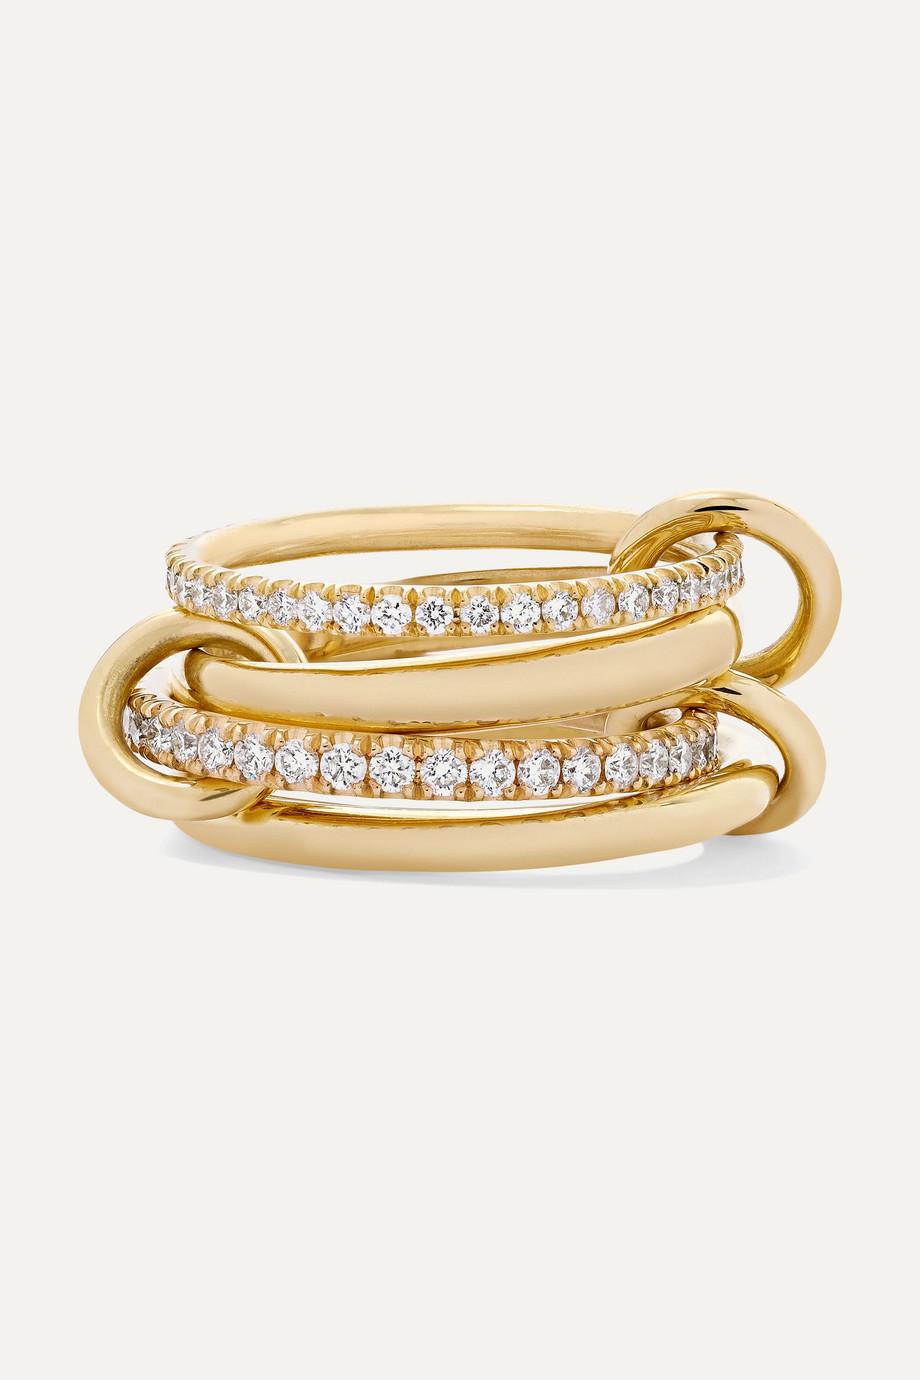 Spinelli Kilcollin Polaris 18K 黄金钻石四环戒指